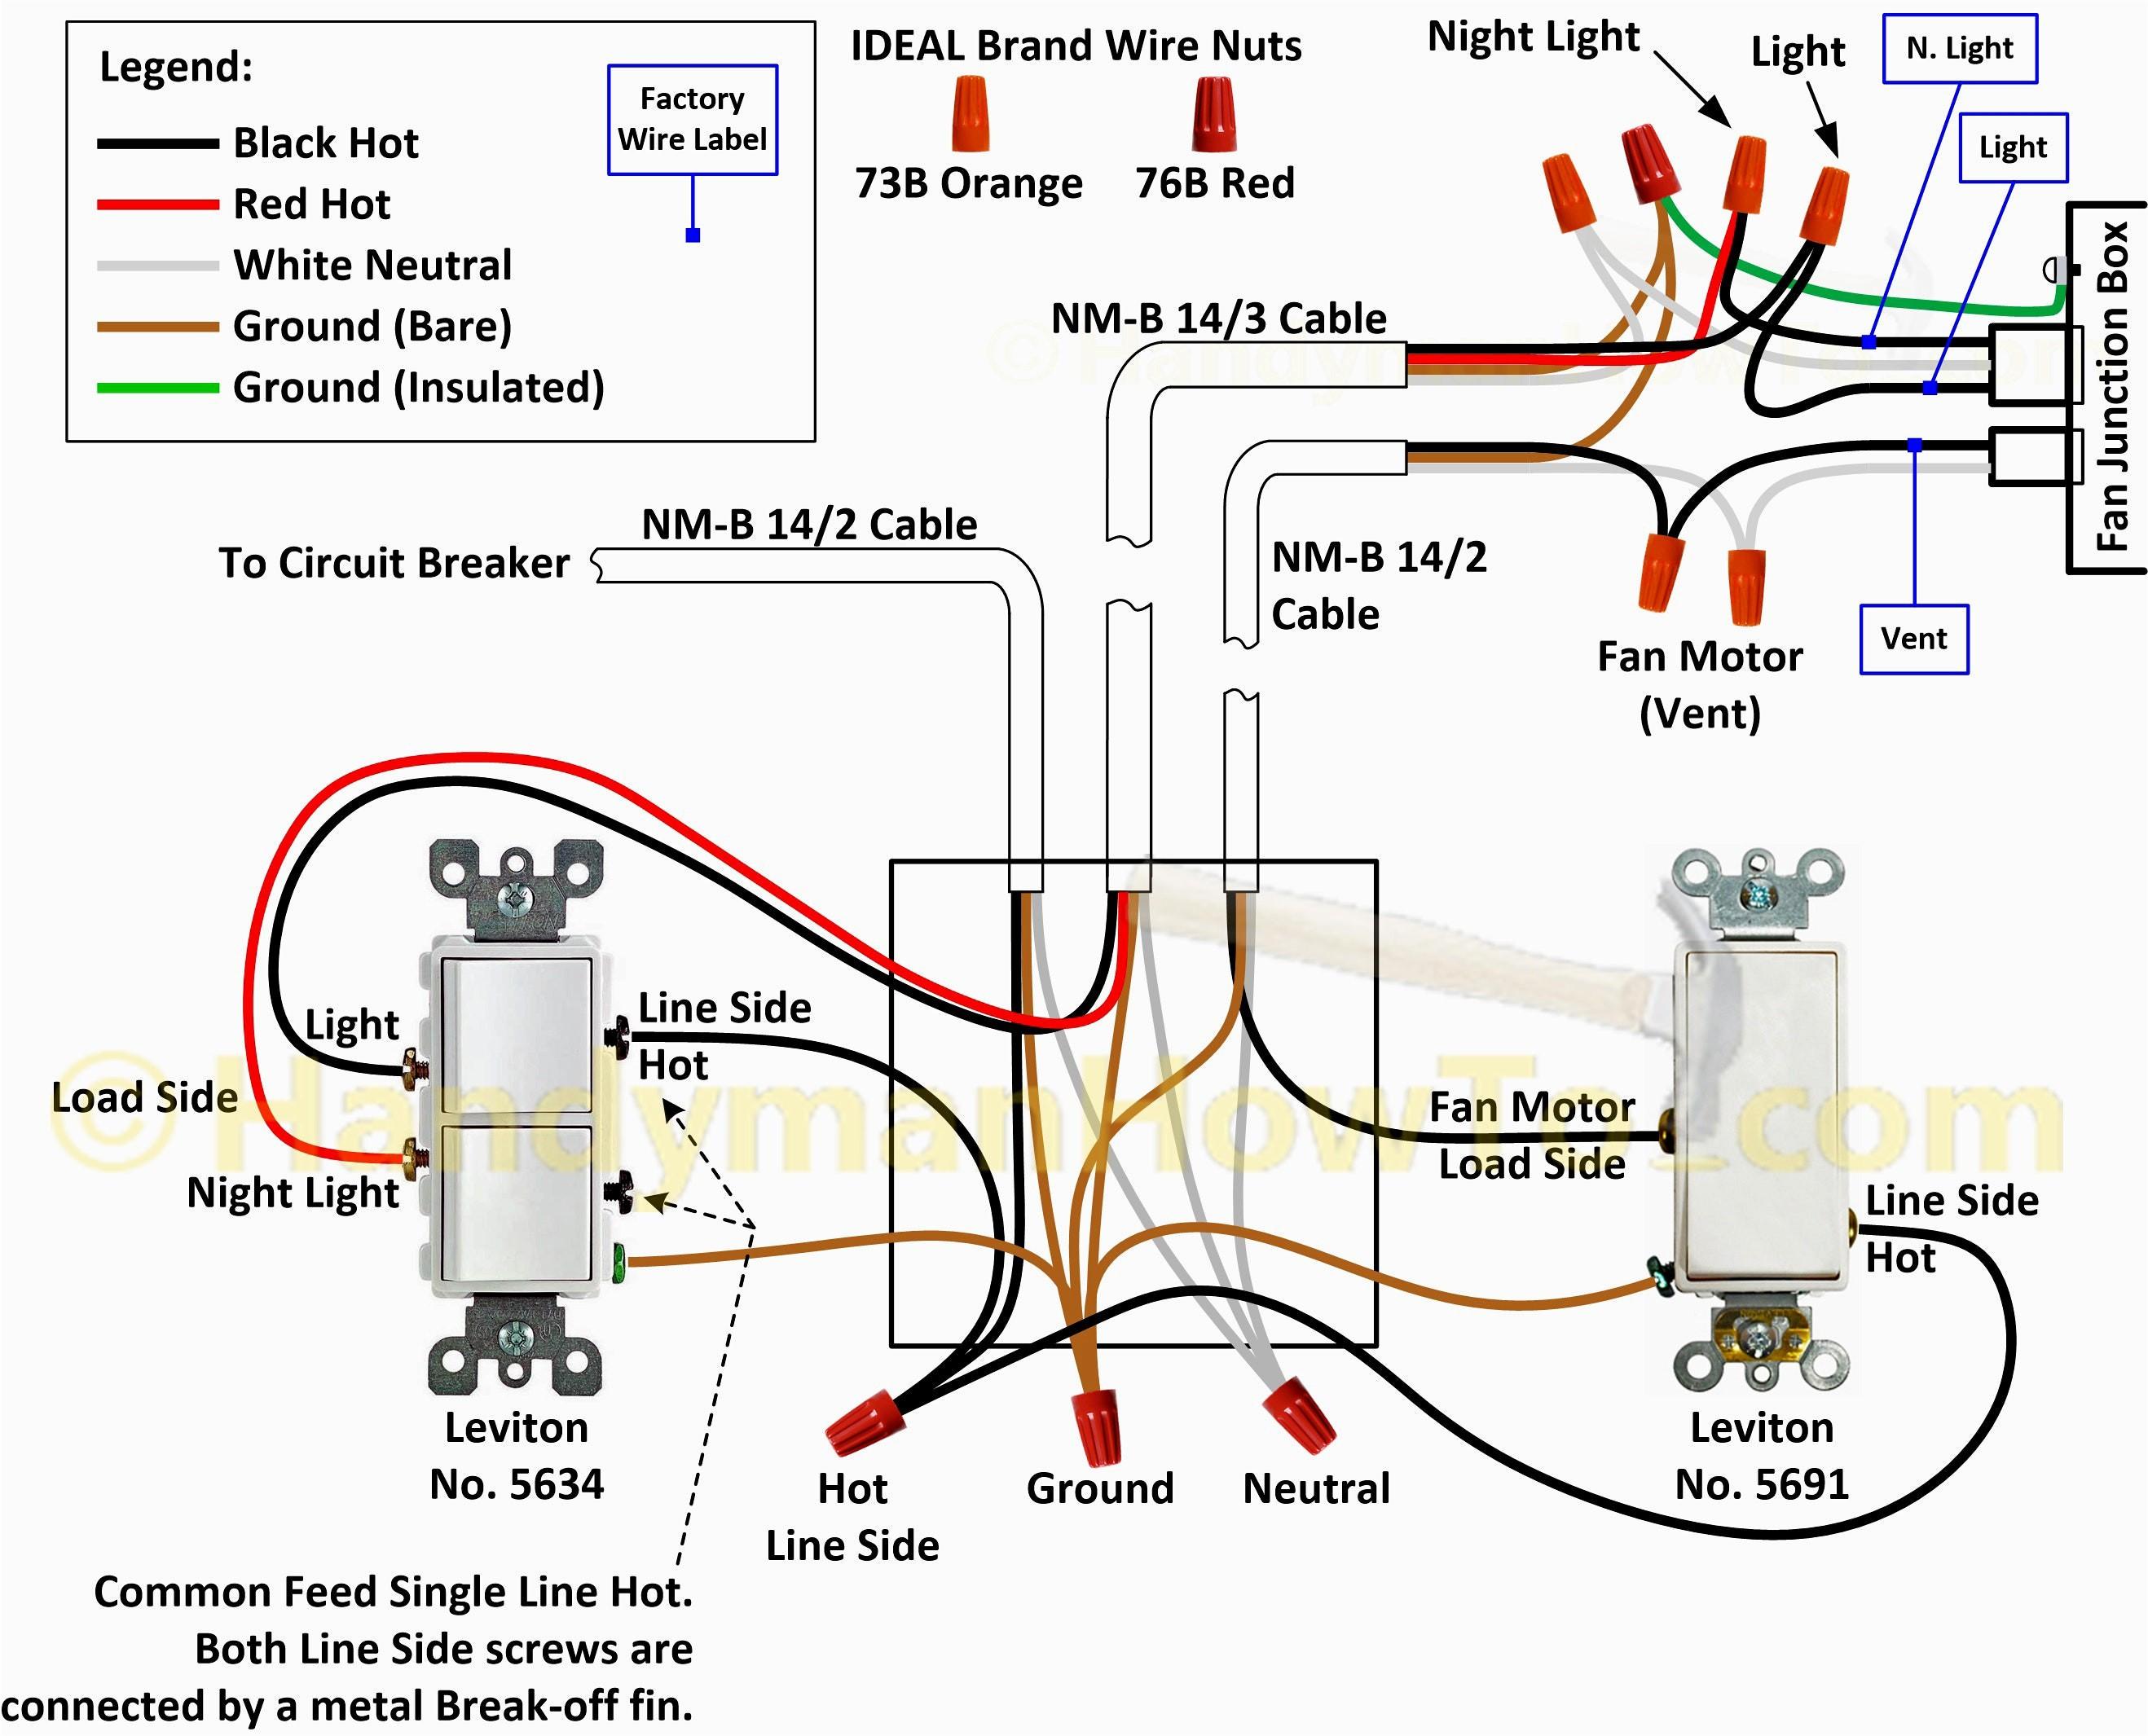 ceiling fan wiring diagram ceiling fan wiring diagram e192641 wiring diagram data ceiling fan wiring diagram blue wire ceiling fan wiring diagram e192641